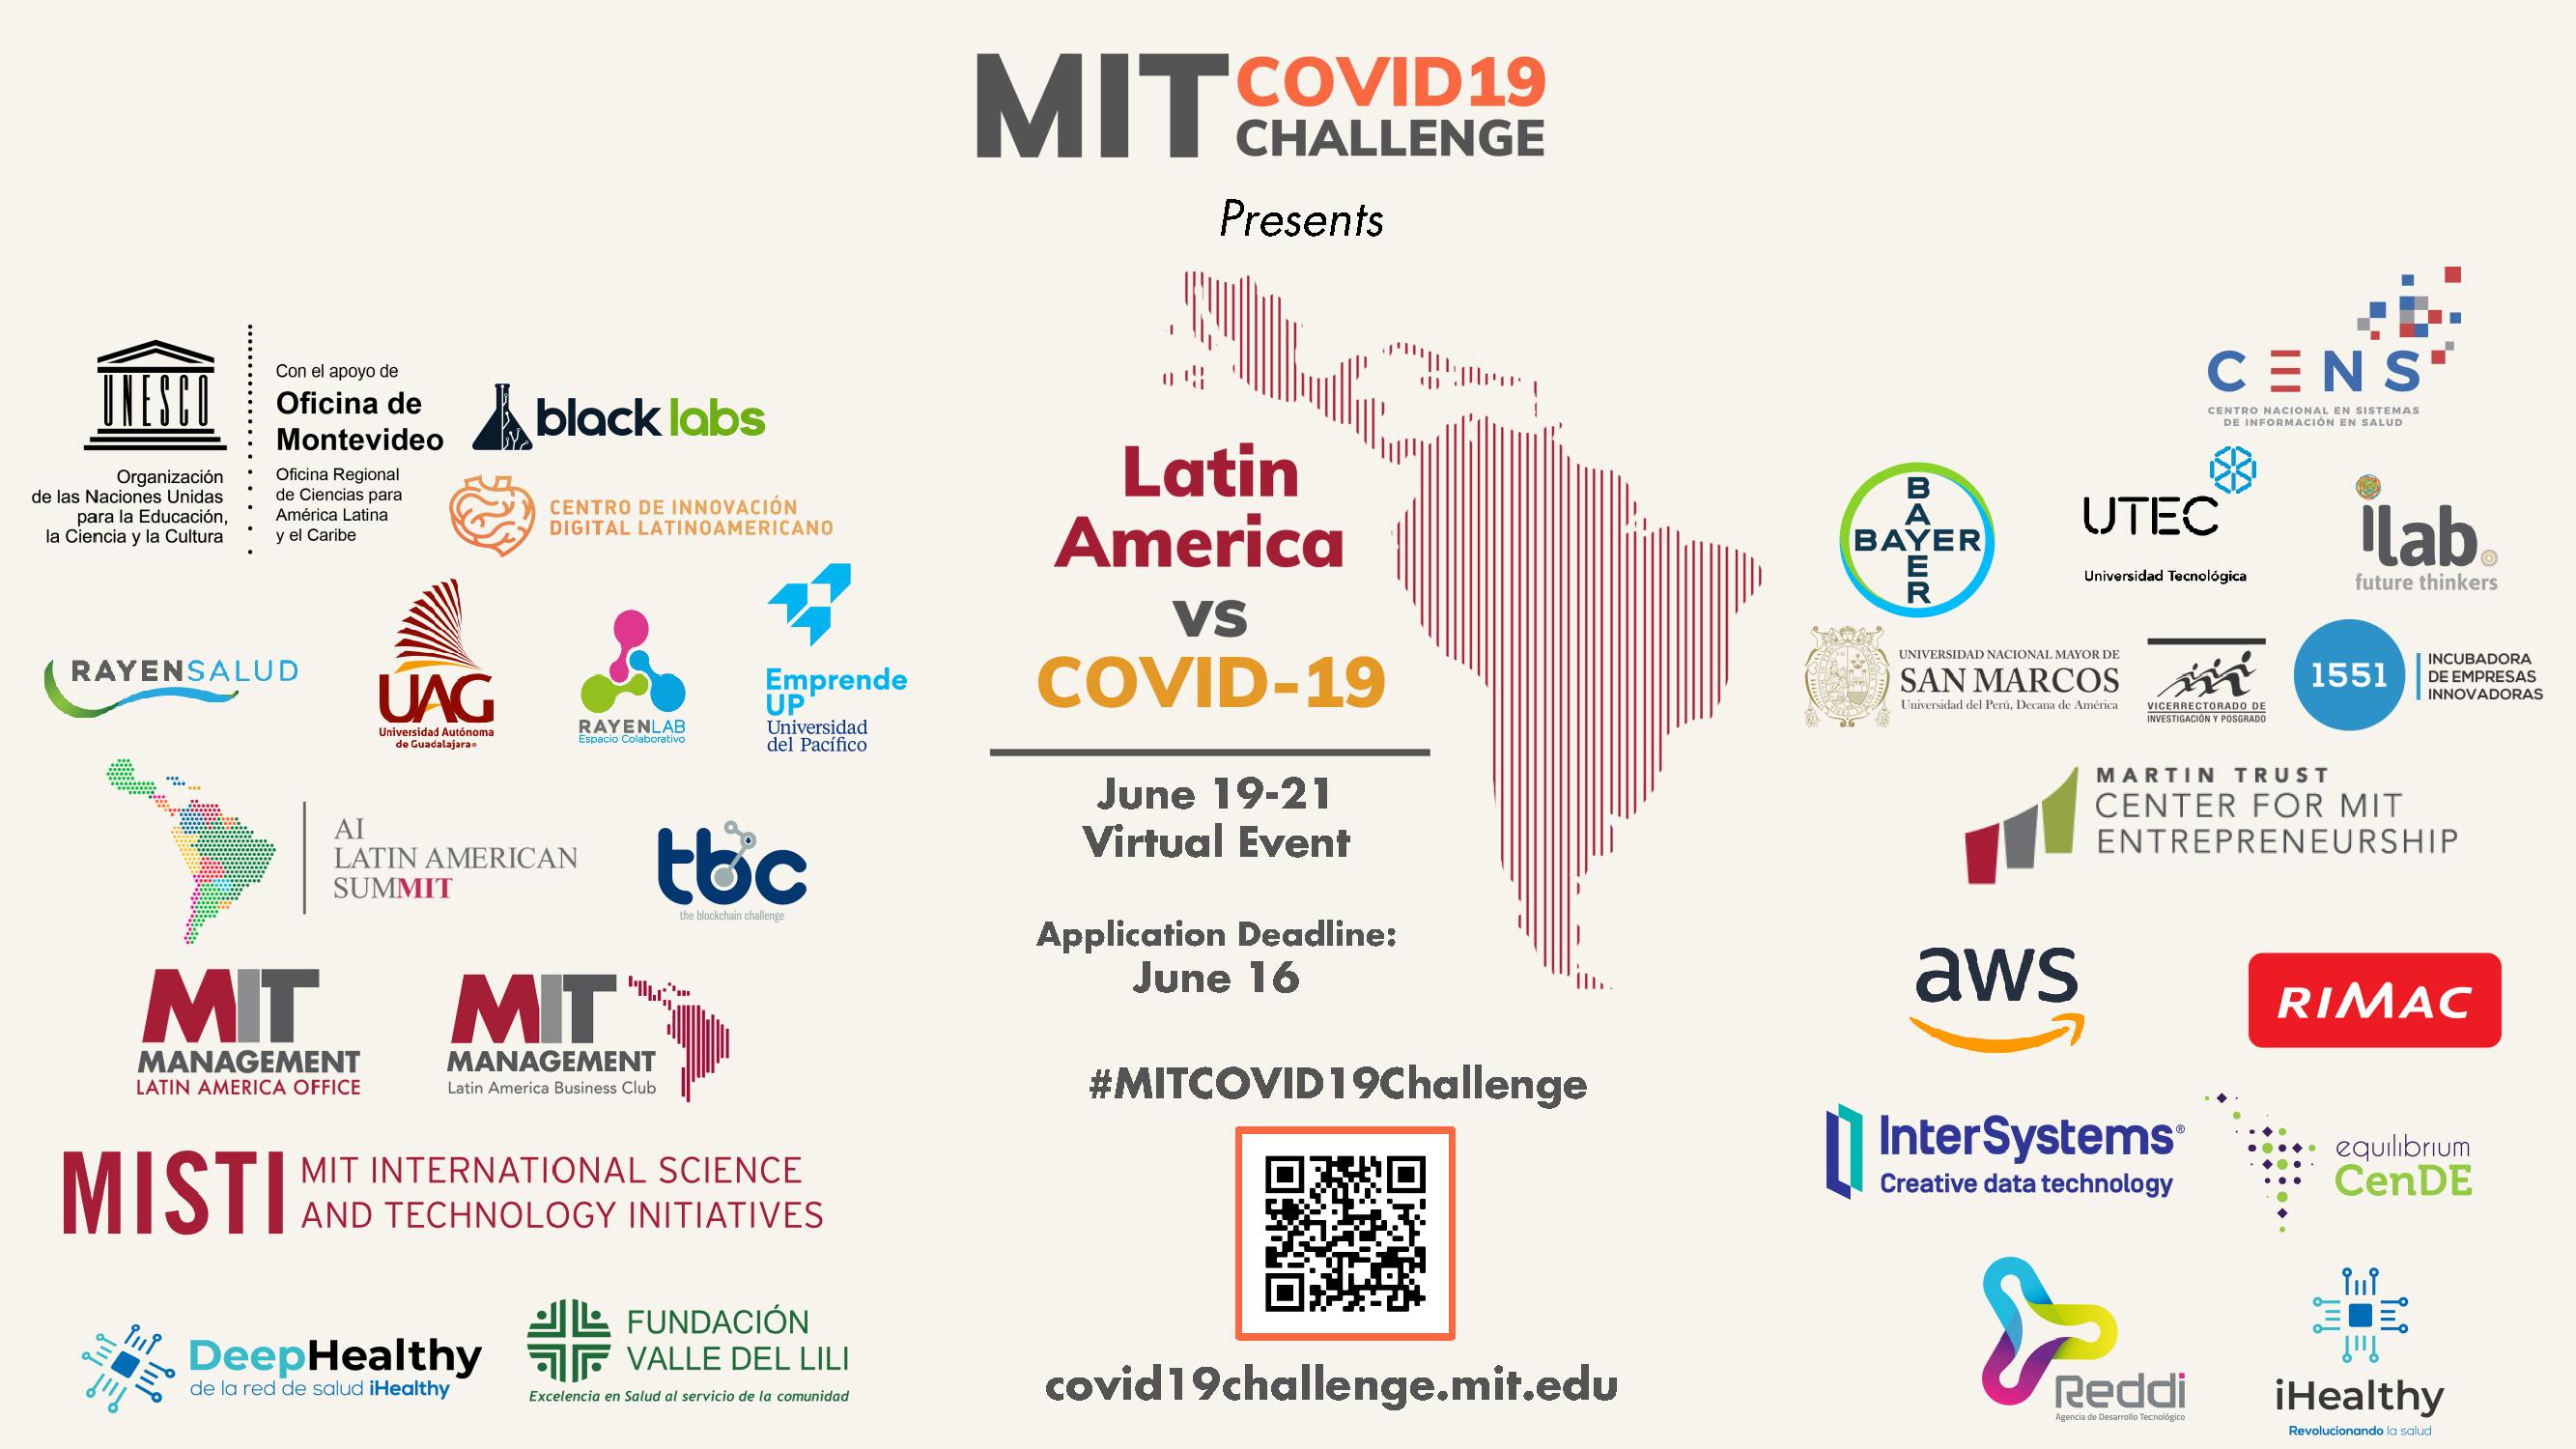 únete covid challenge MIT hackatones virtuales diseña soluciones corto plazo